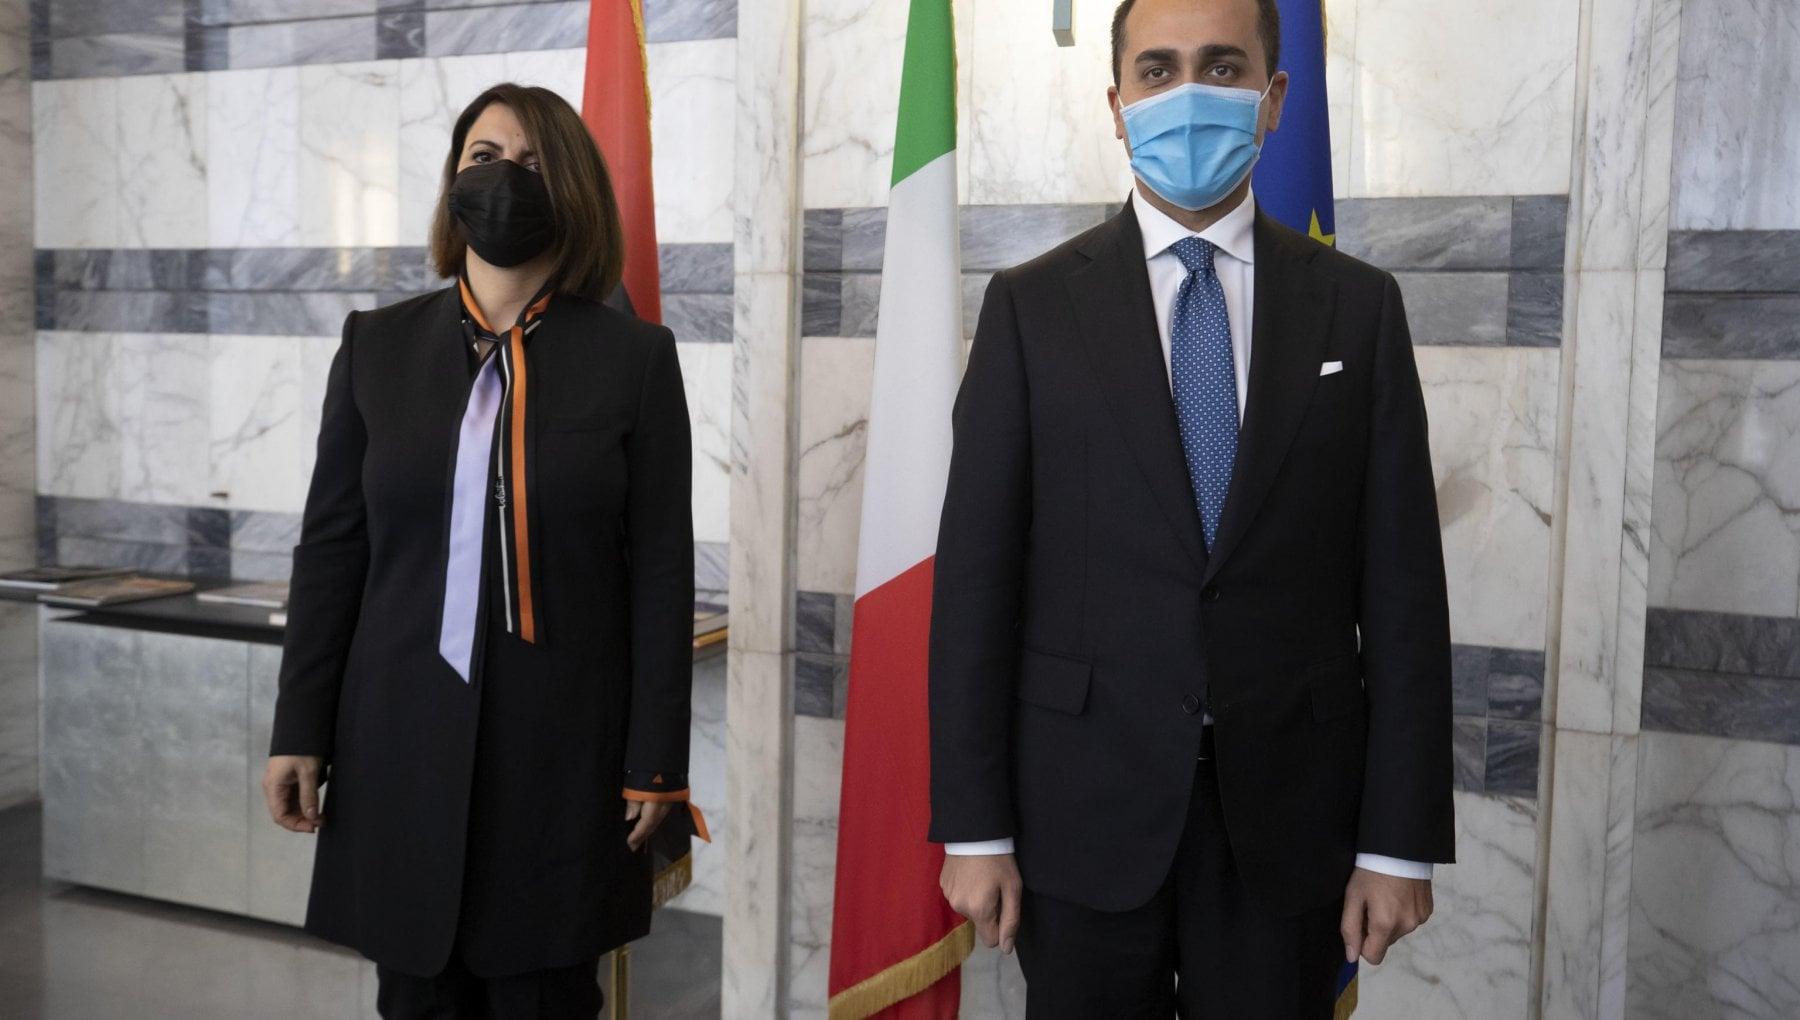 """203030559 40b8b571 927f 415e ad43 bb045f00c2fb - Libia, Di Maio spera in Dbeibah: """"Lo abbiamo invitato a Roma"""""""